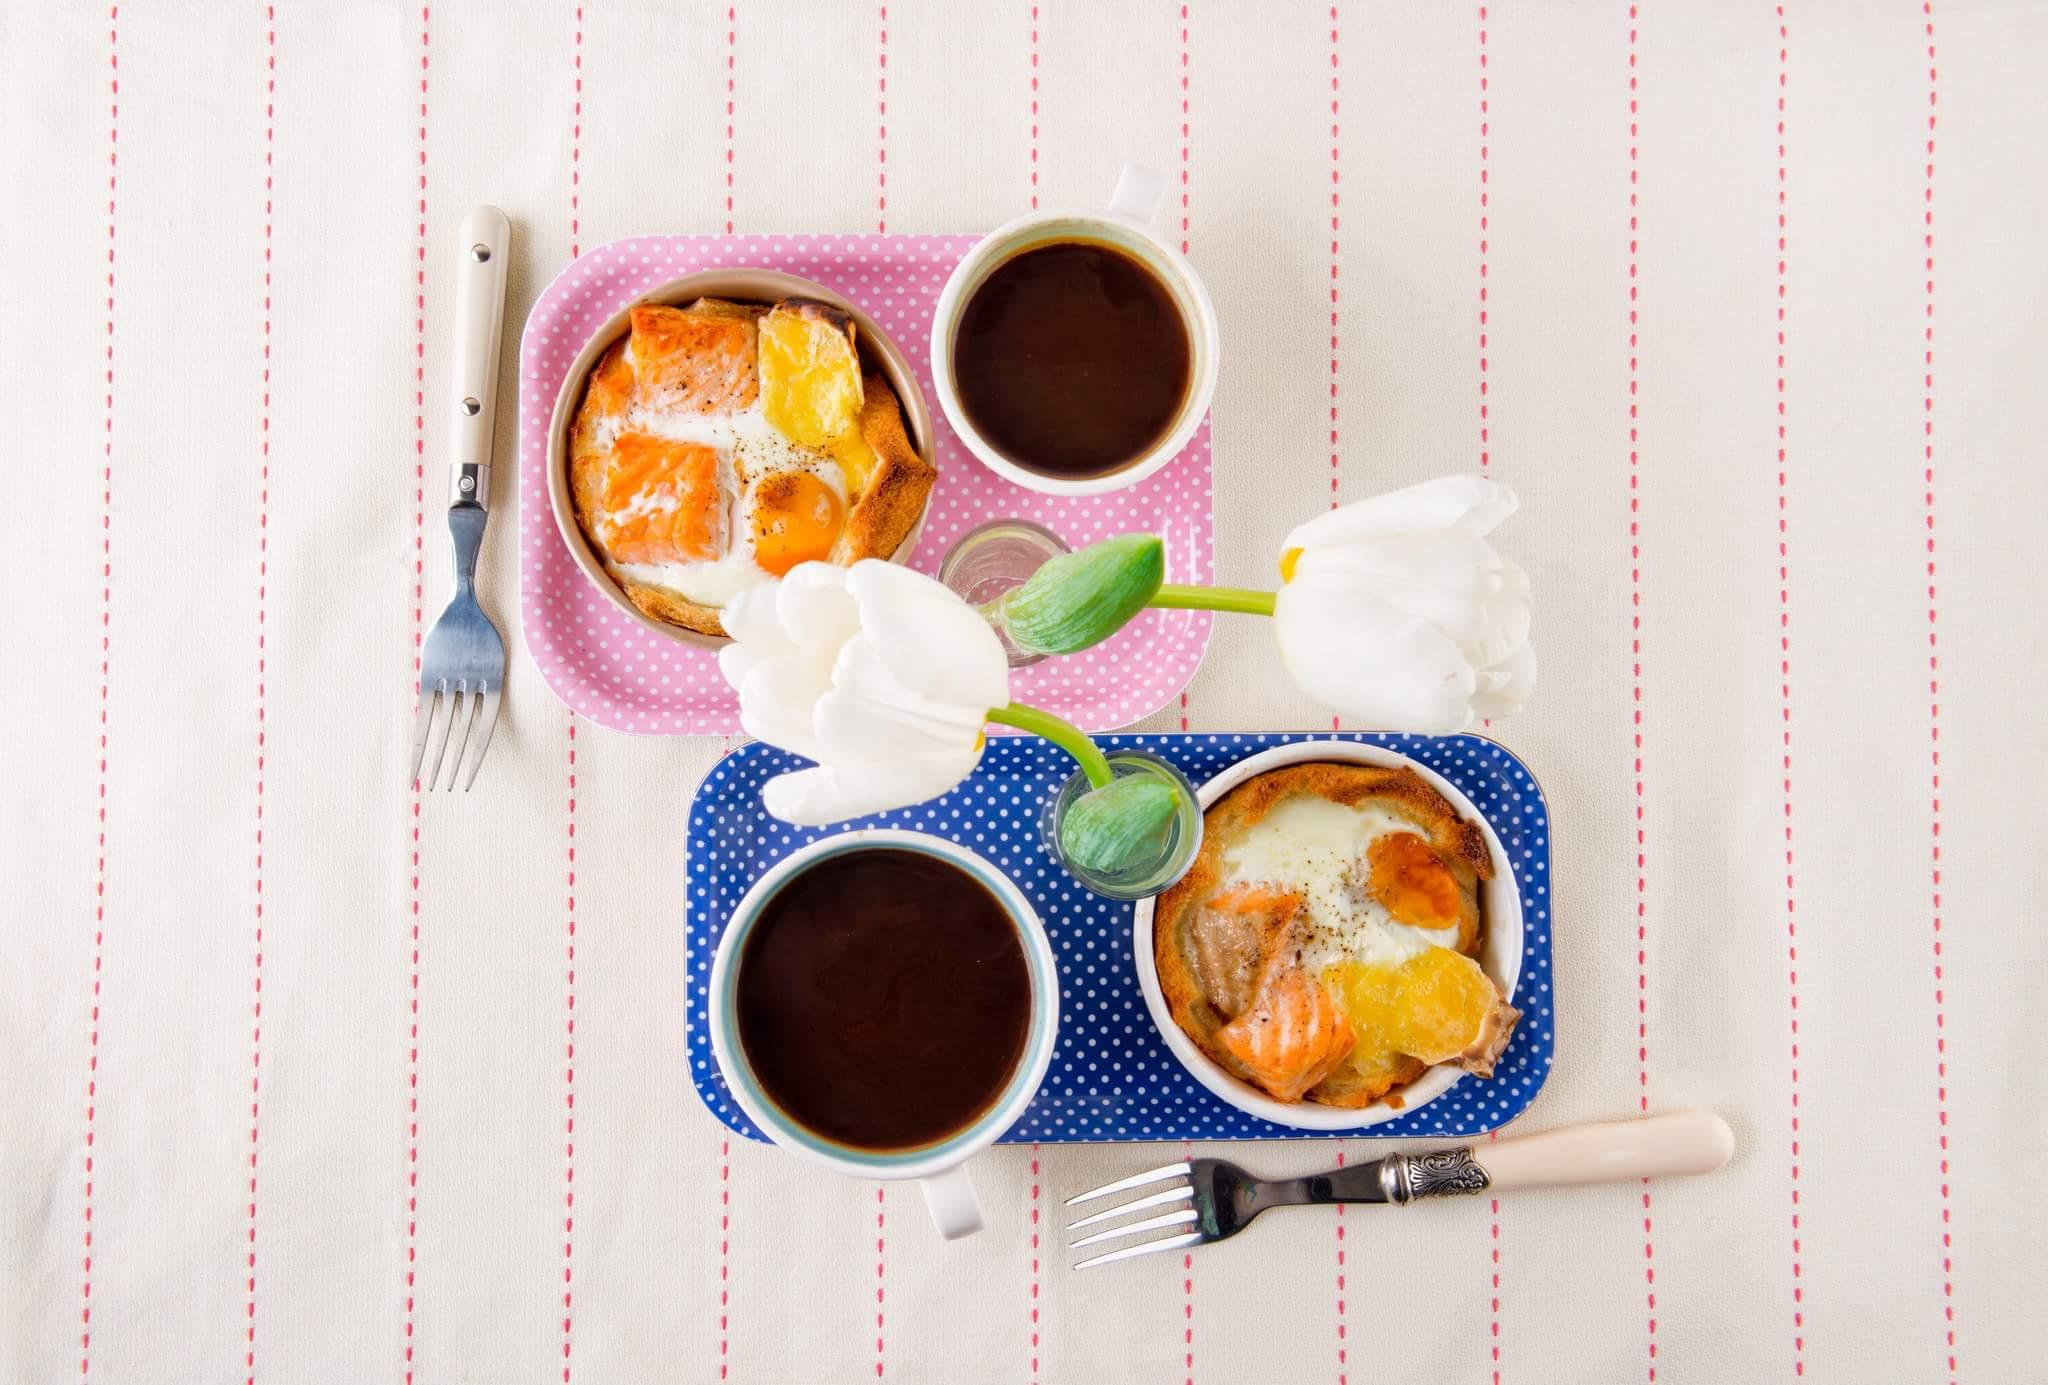 Семга с сыром Бри и яйцом